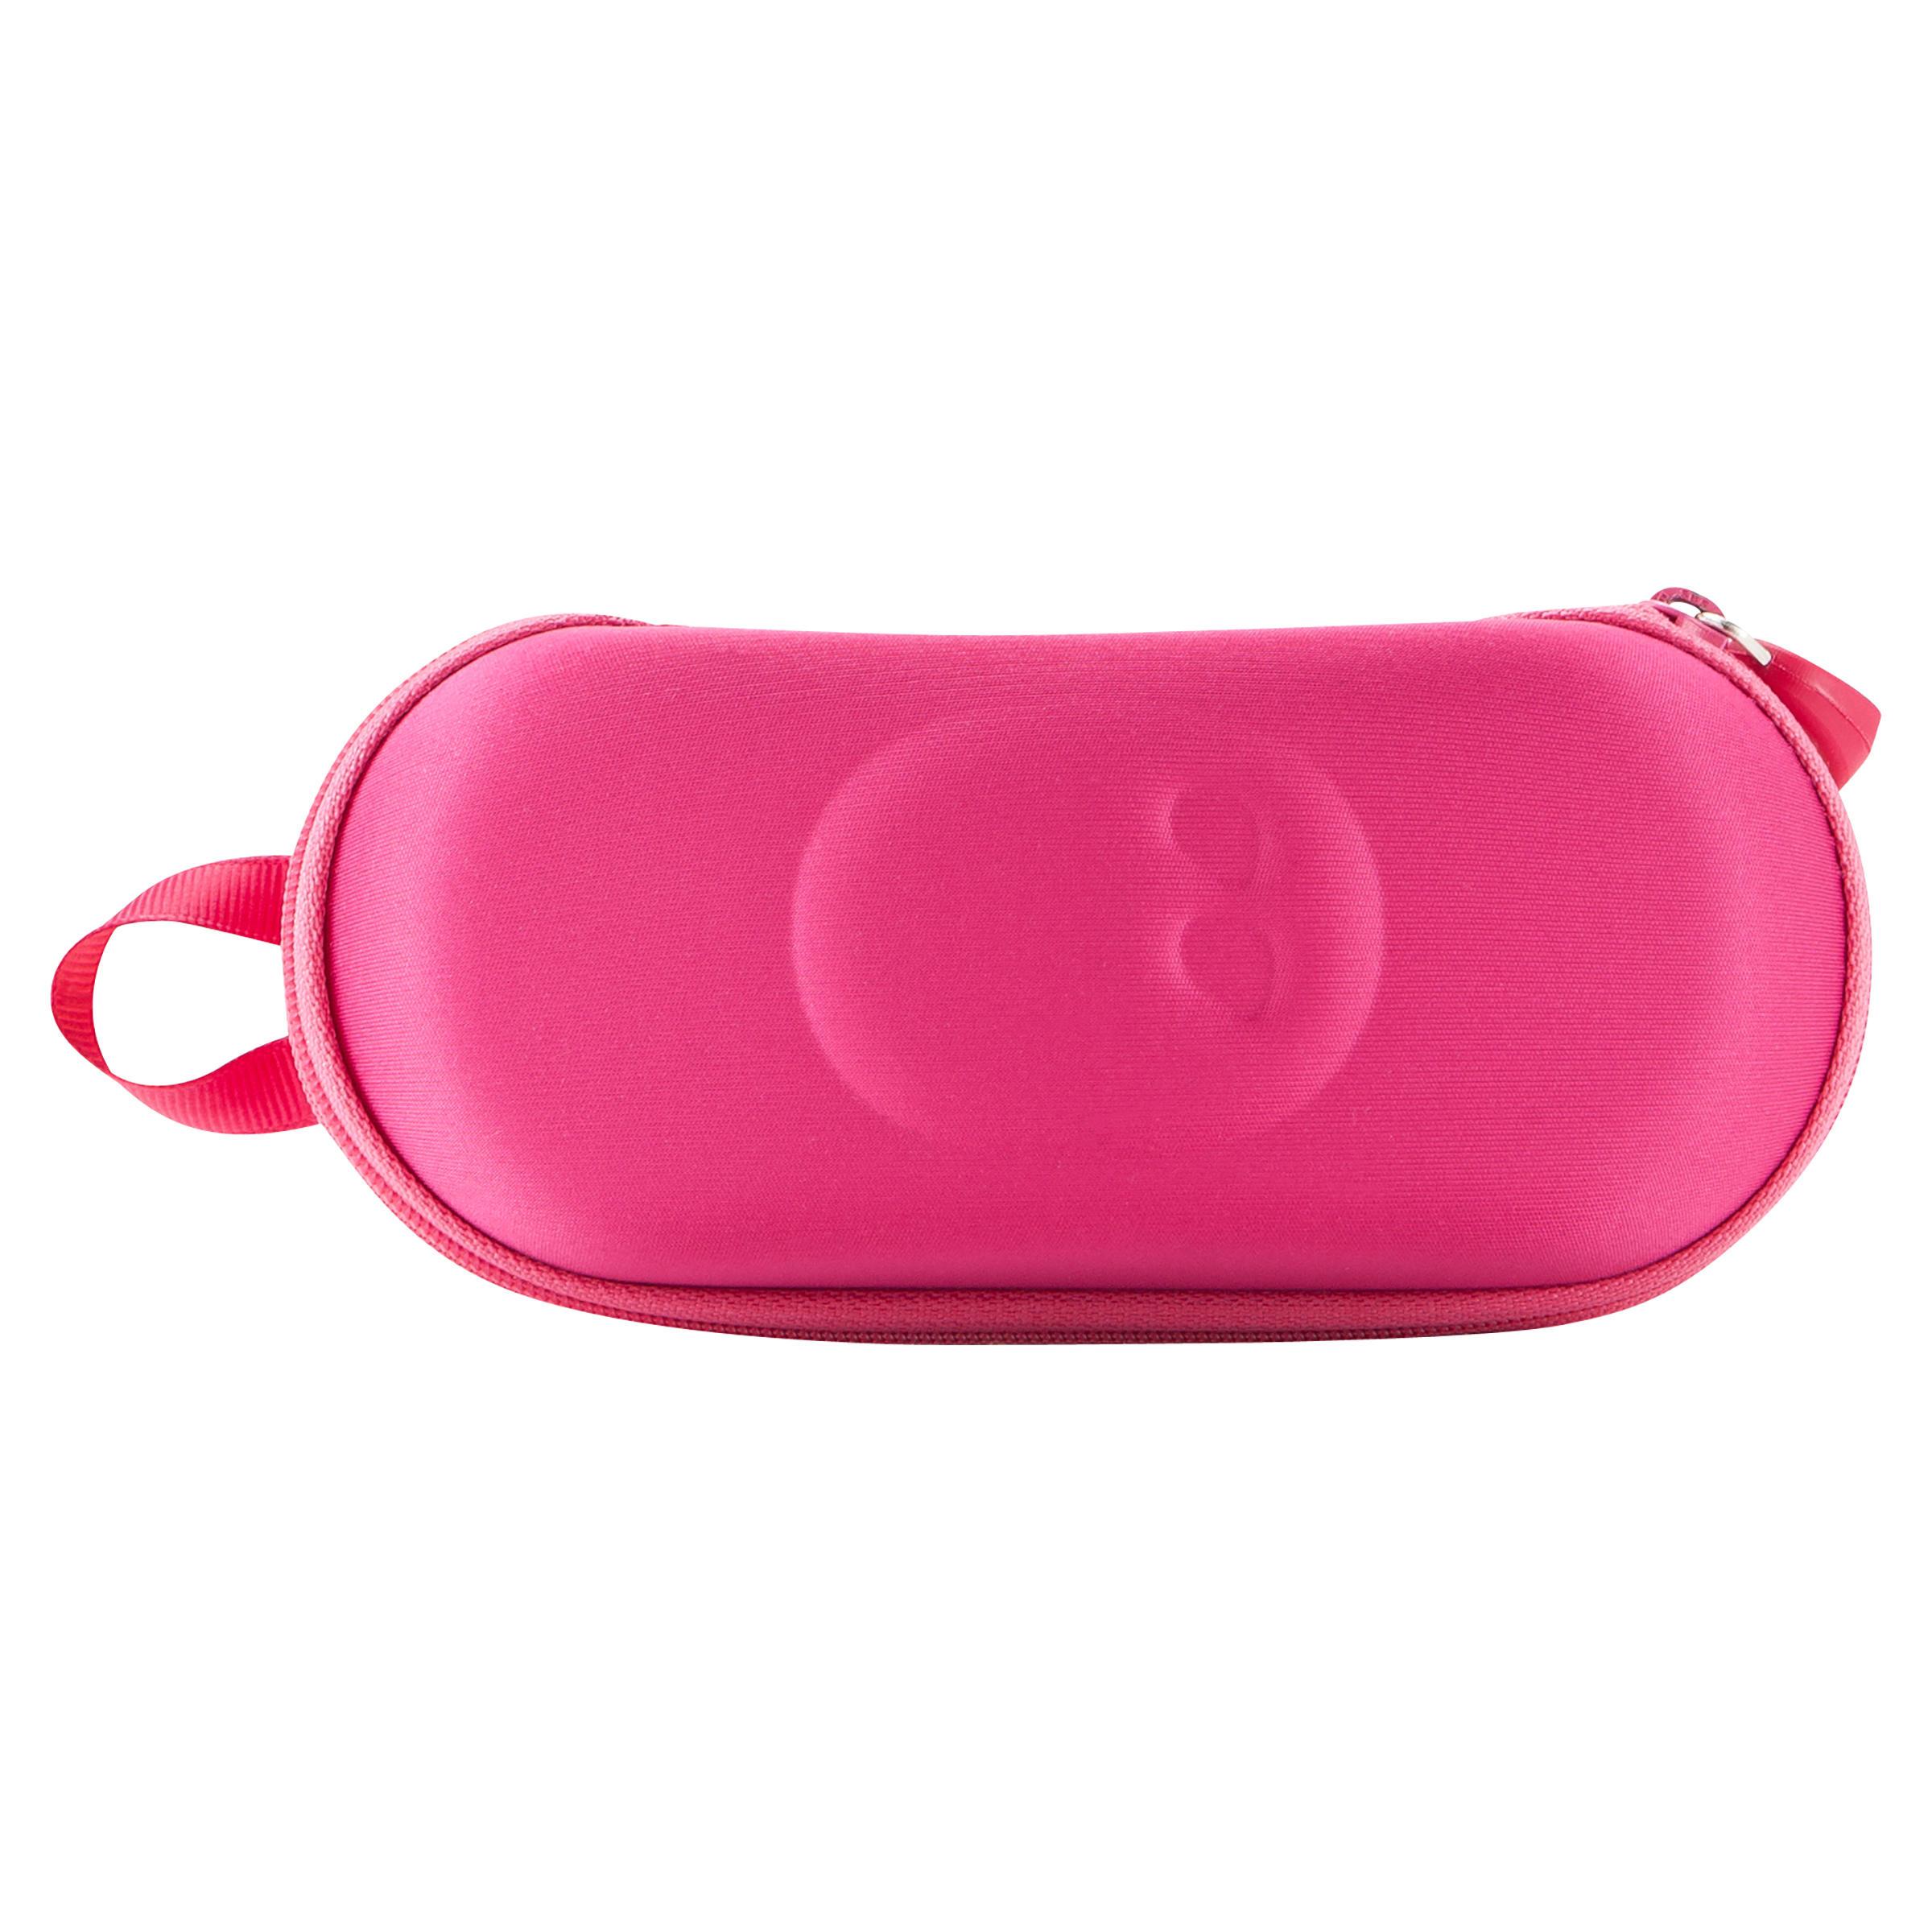 Estuche rígido para lentes de sol niños CASE 560 JR rosa